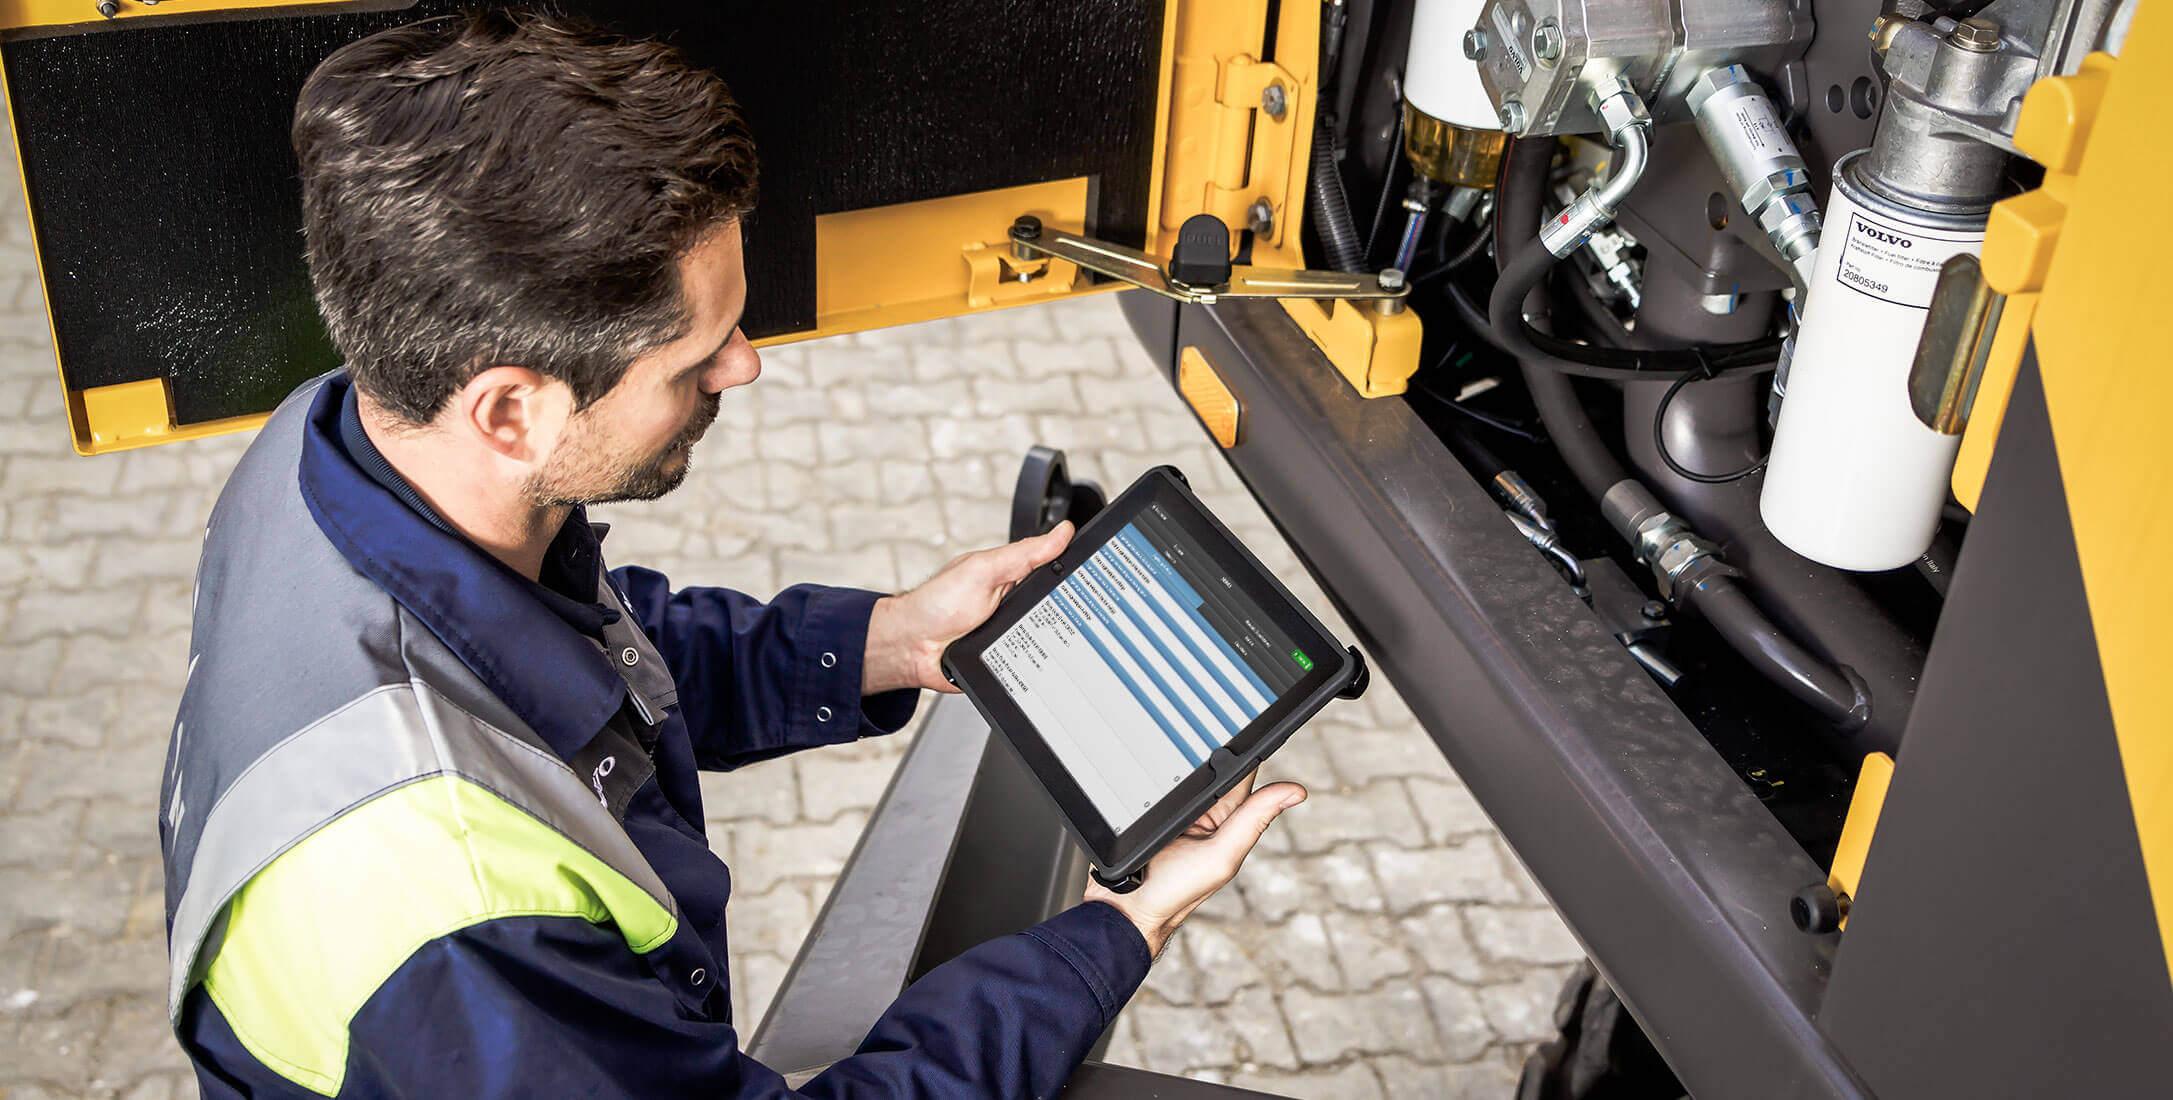 L-mobile Digitales Service Management Infothekbeitrag L-mobile service expert day Mobiler-Client